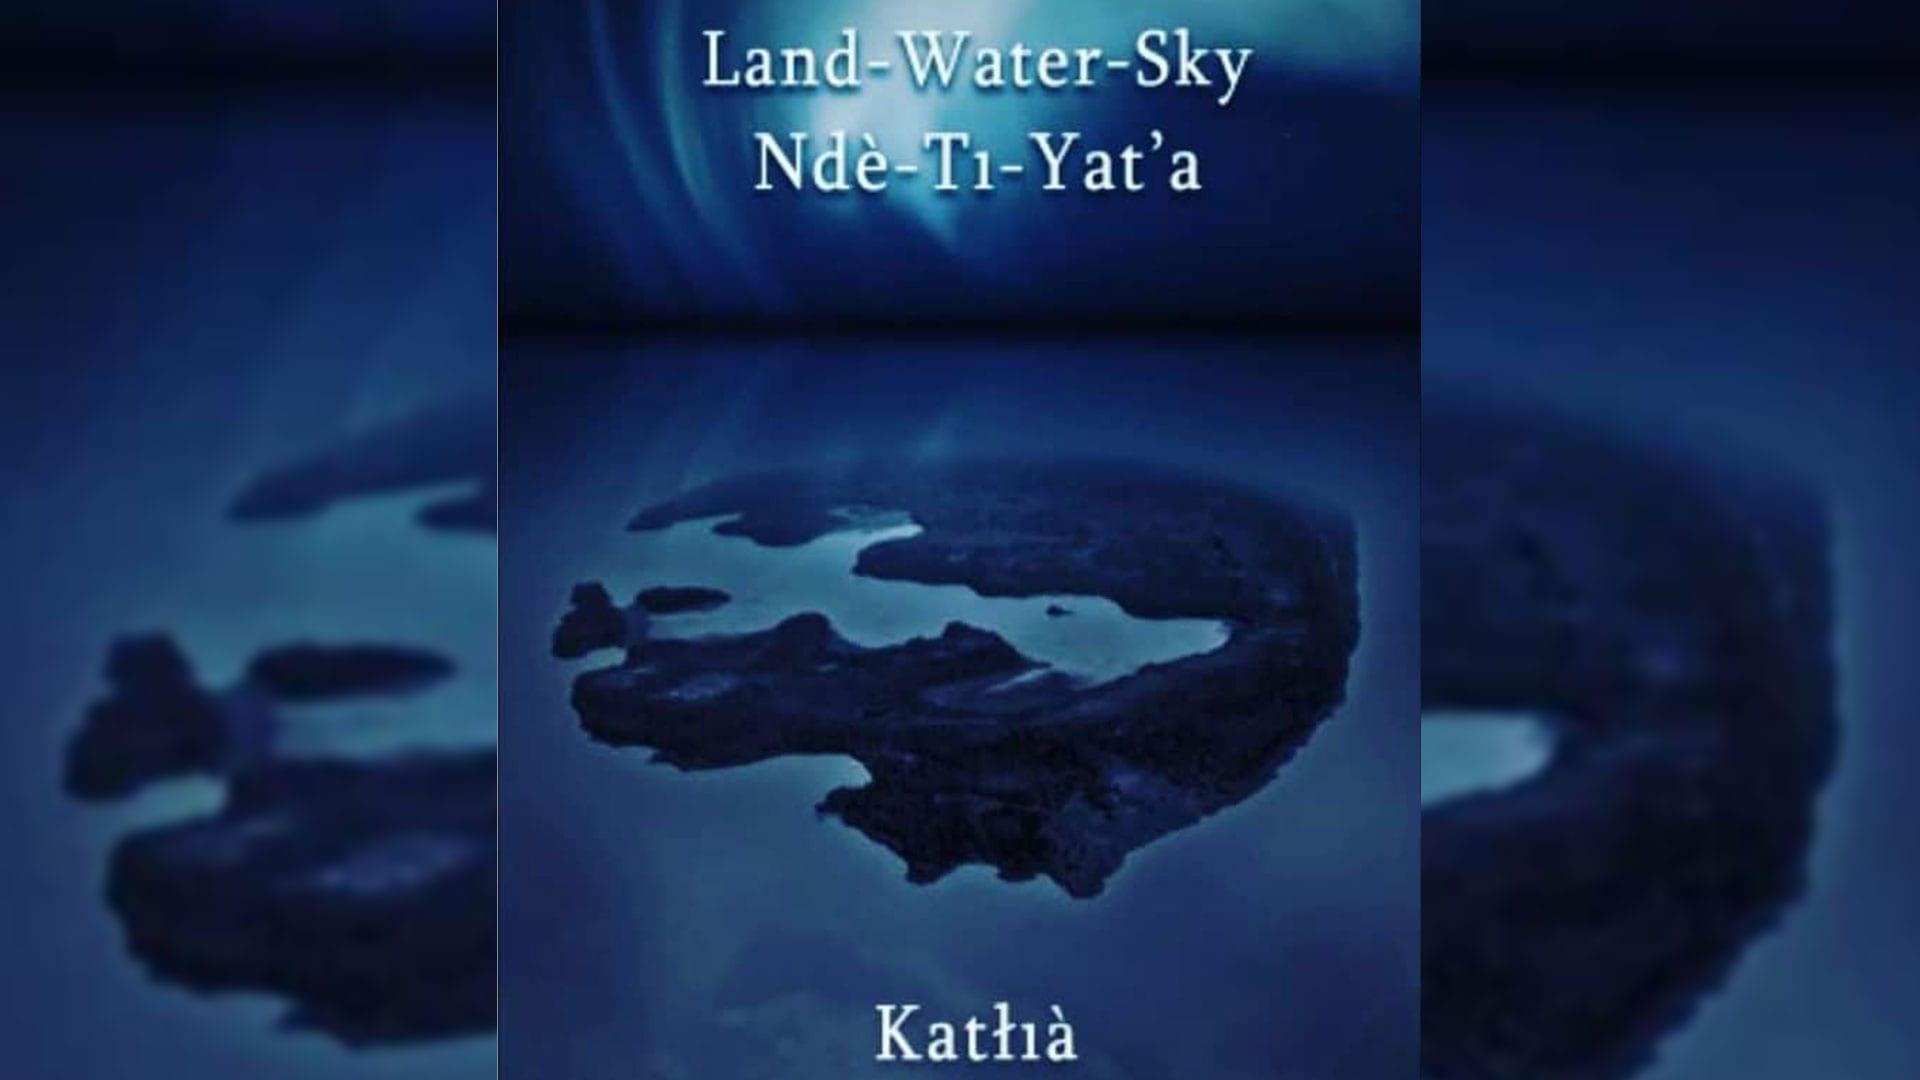 Land-Water-Sky/Ndè-Tı-Yat'a